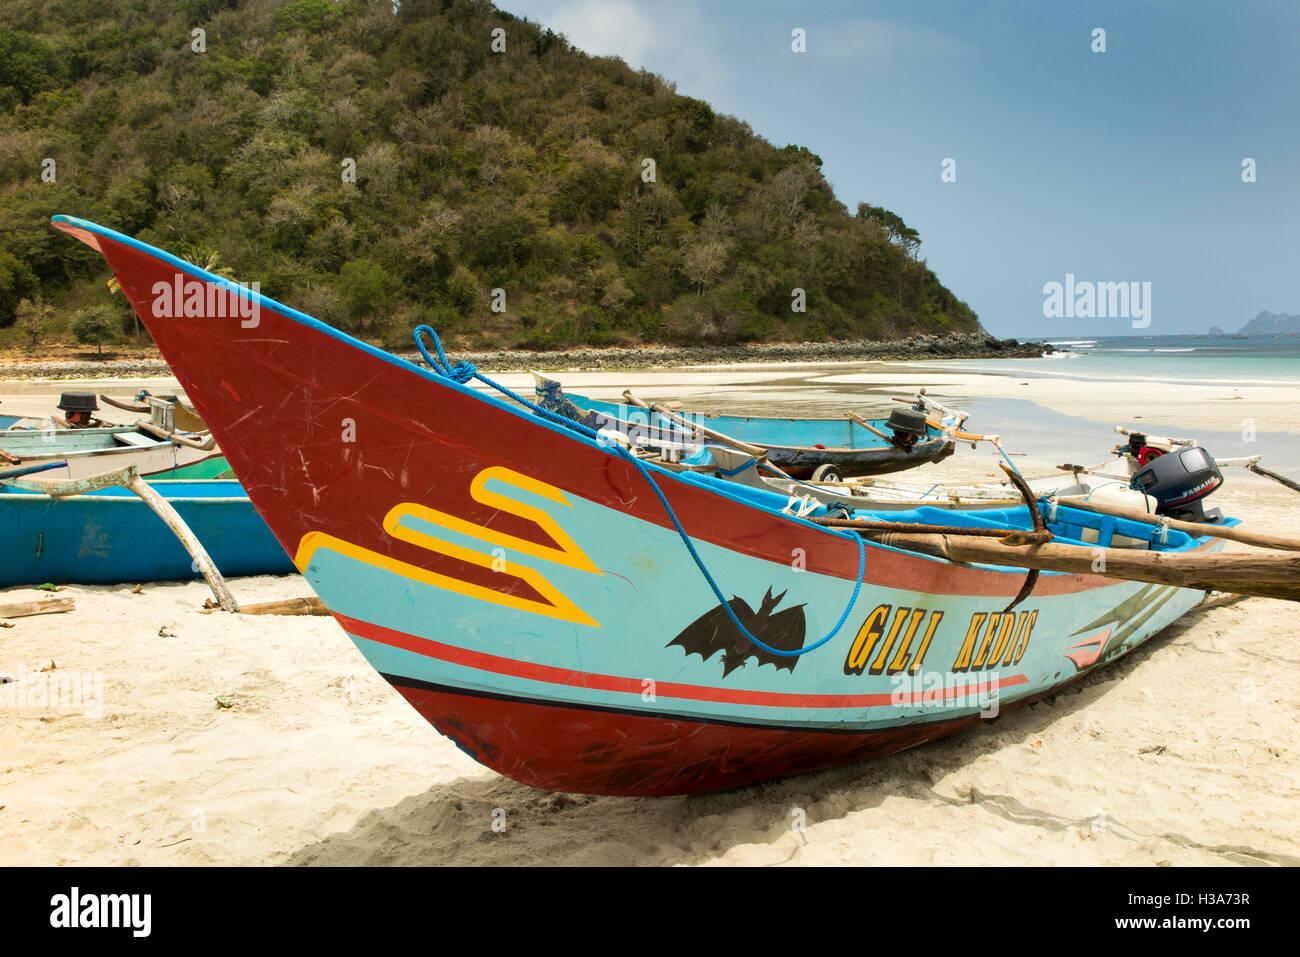 Indonesia, Lombok, Selong Blanak, playa barca de pesca pintados coloridamente Gili Kedis con murciélago Imagen De Stock